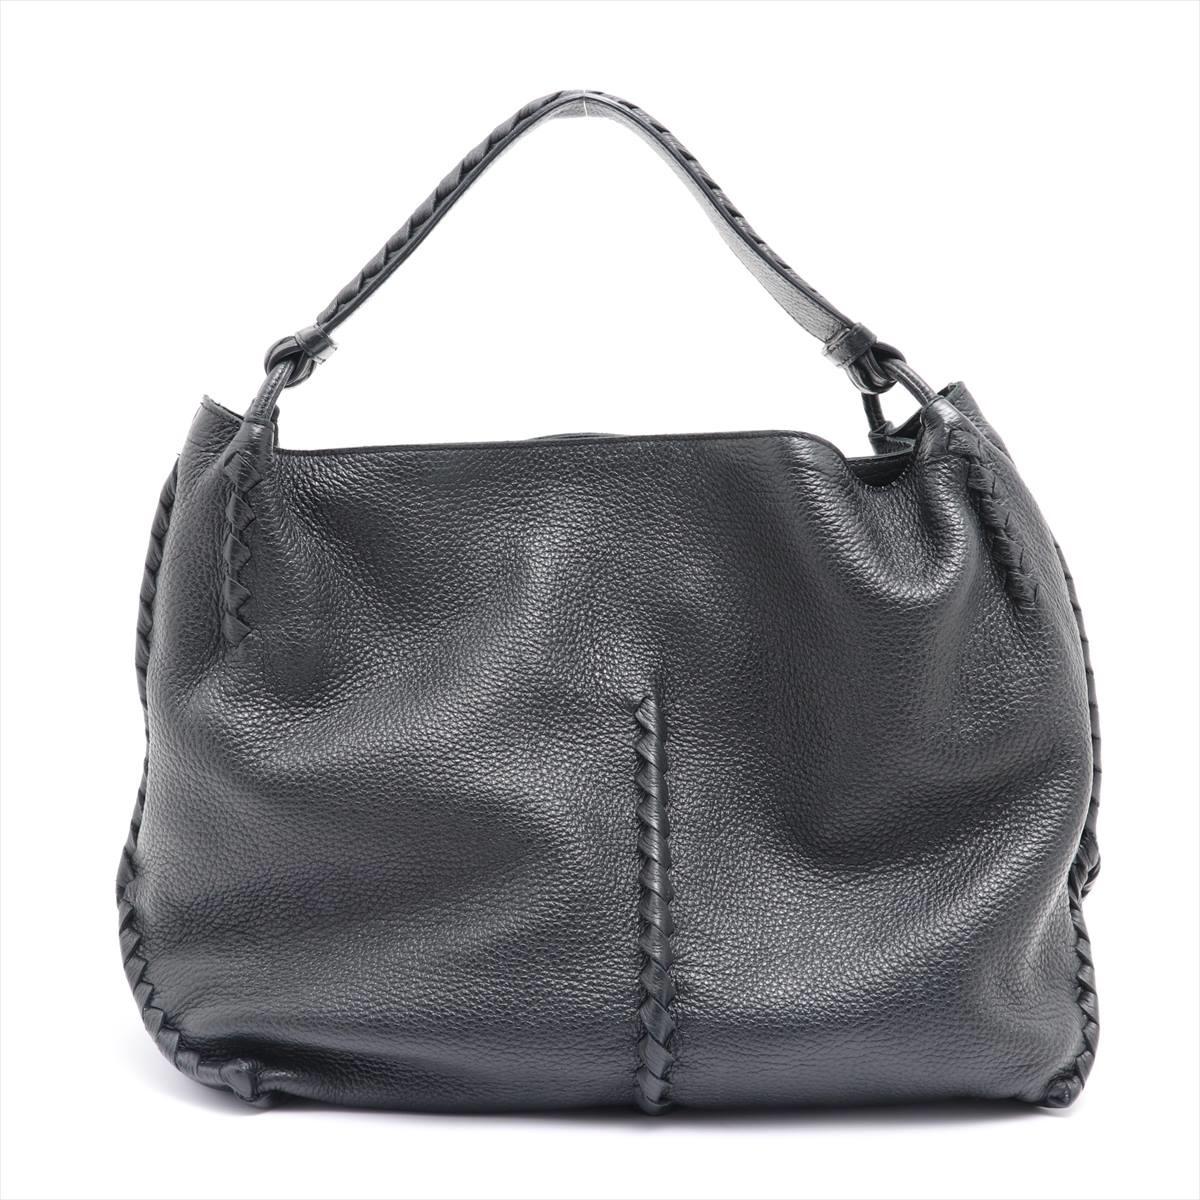 中古 ボッテガヴェネタ チェルボ ブラック お値打ち価格で レザー 世界の人気ブランド ショルダーバッグ